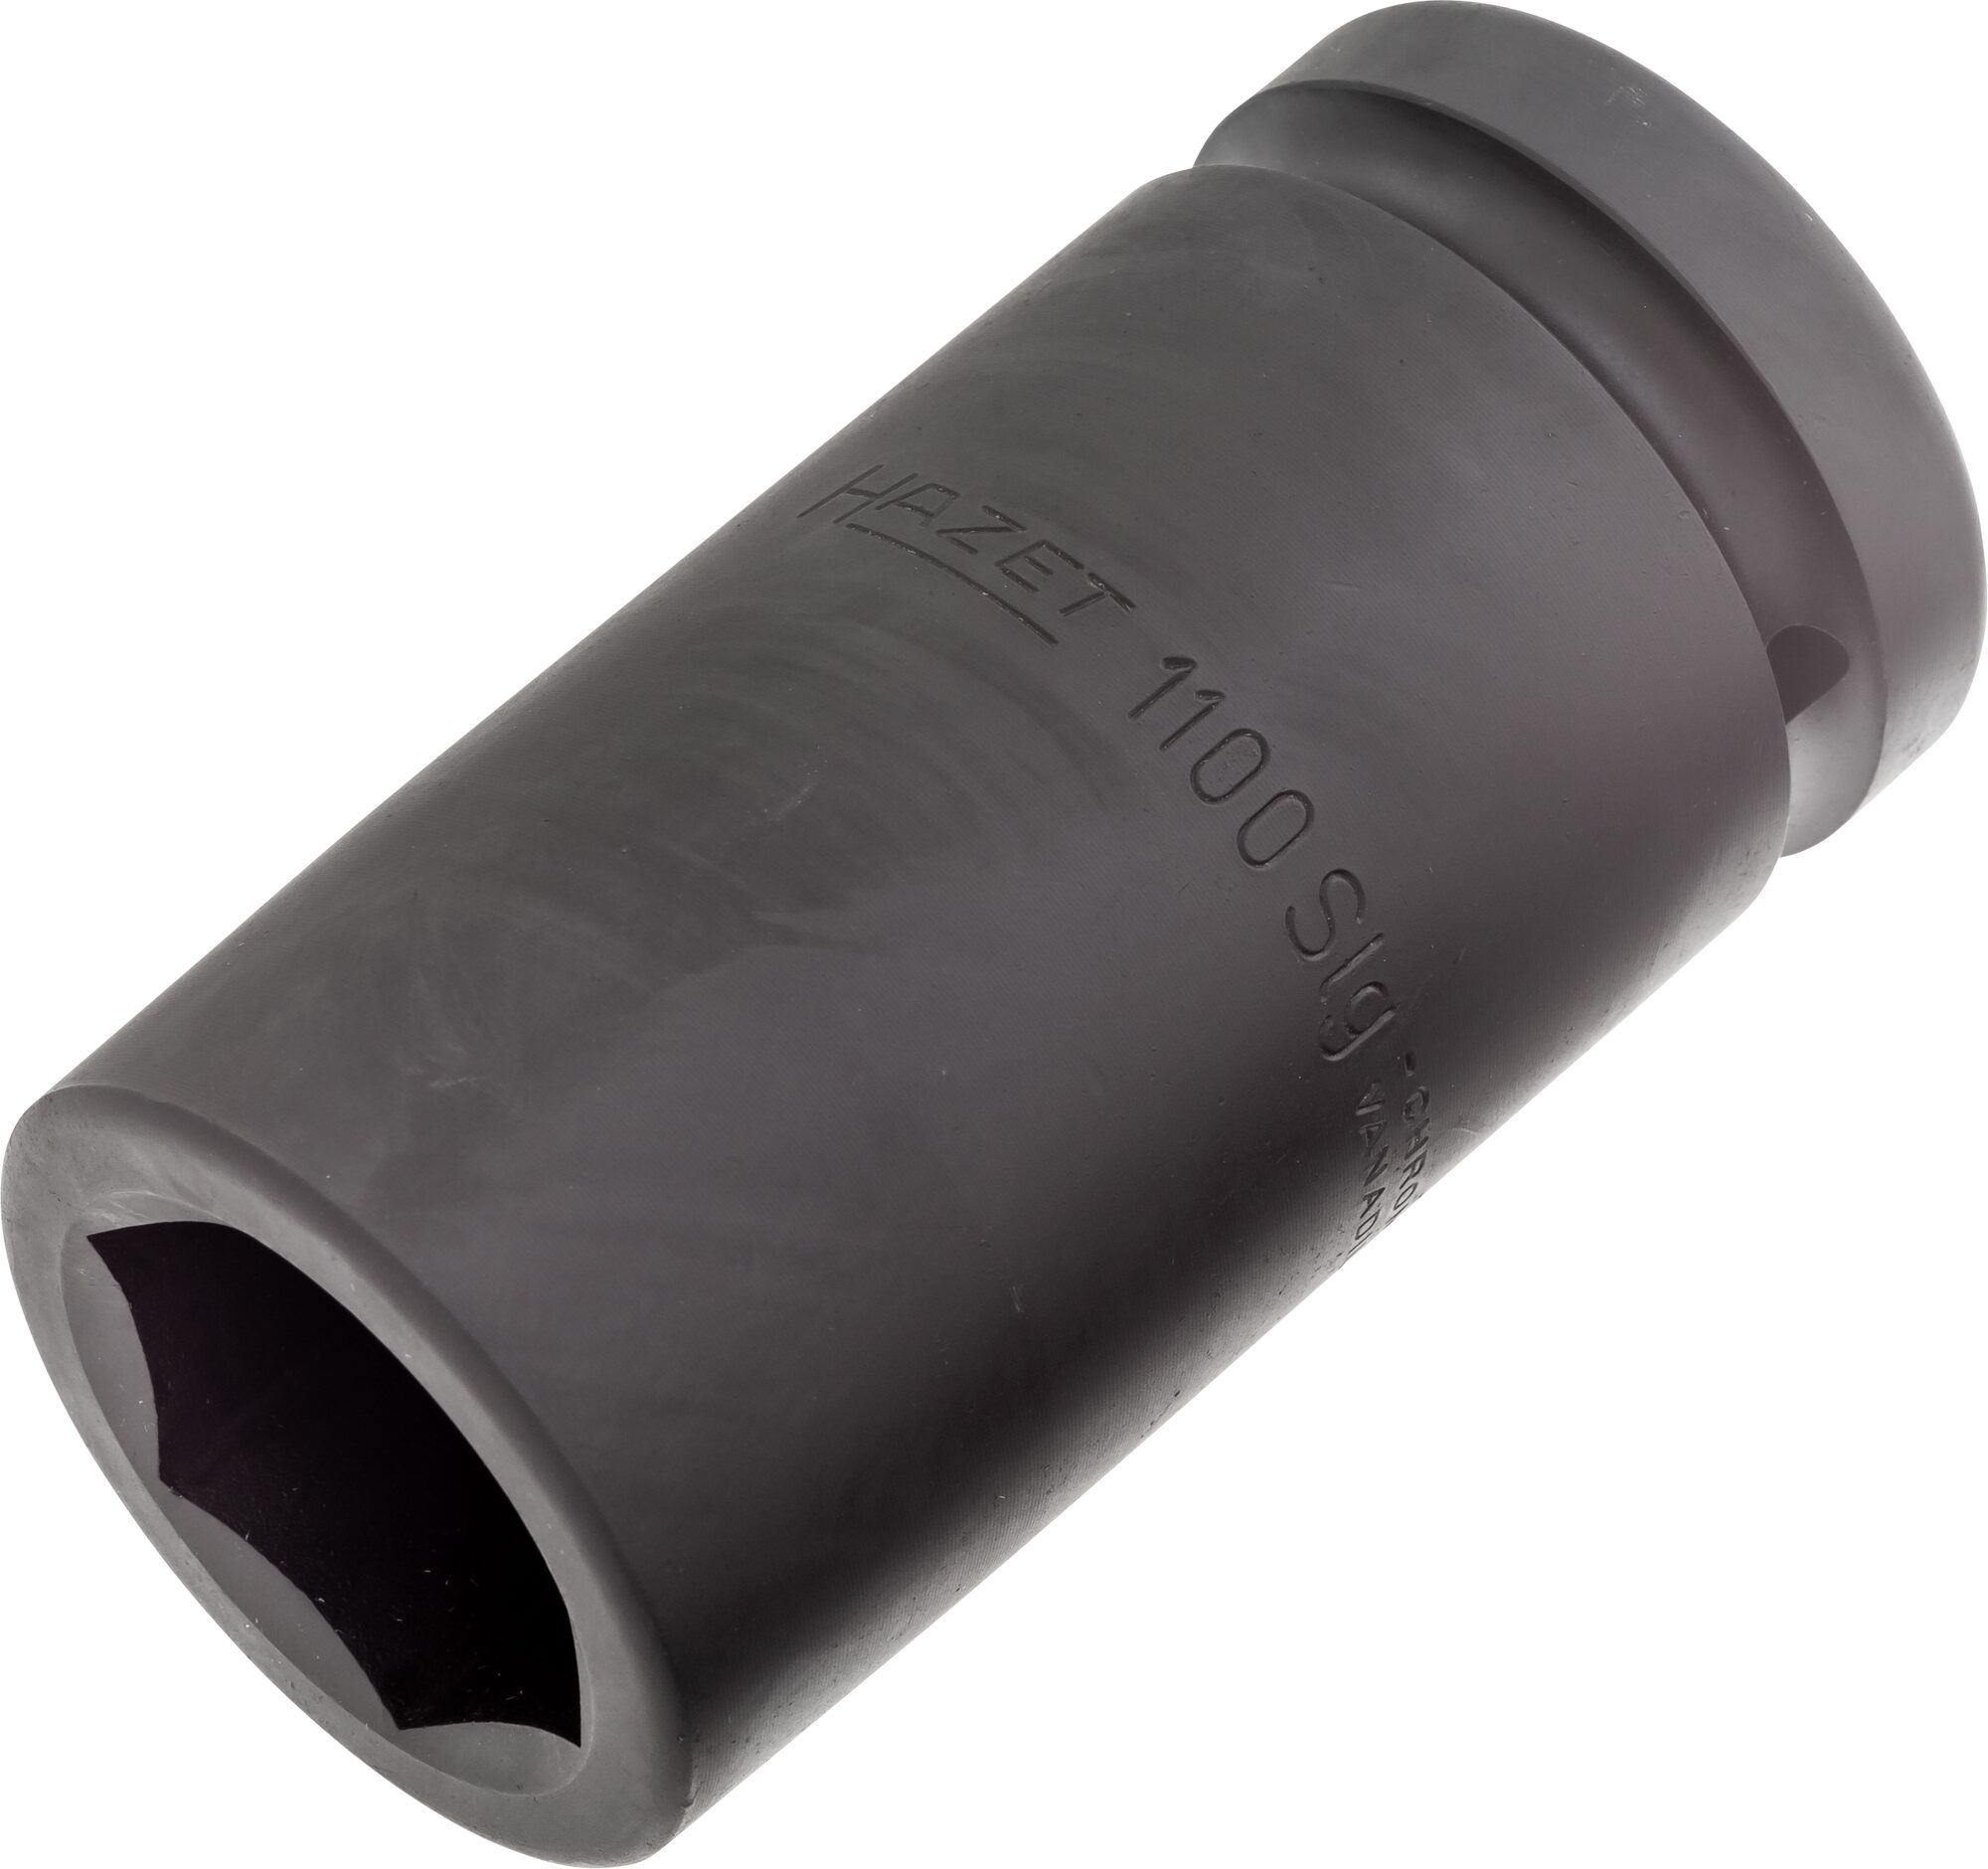 HAZET Schlag-, Maschinenschrauber Steckschlüsseleinsatz ∙ Sechskant 1100SLG-33 ∙ Vierkant hohl 25 mm (1 Zoll) ∙ 33 mm